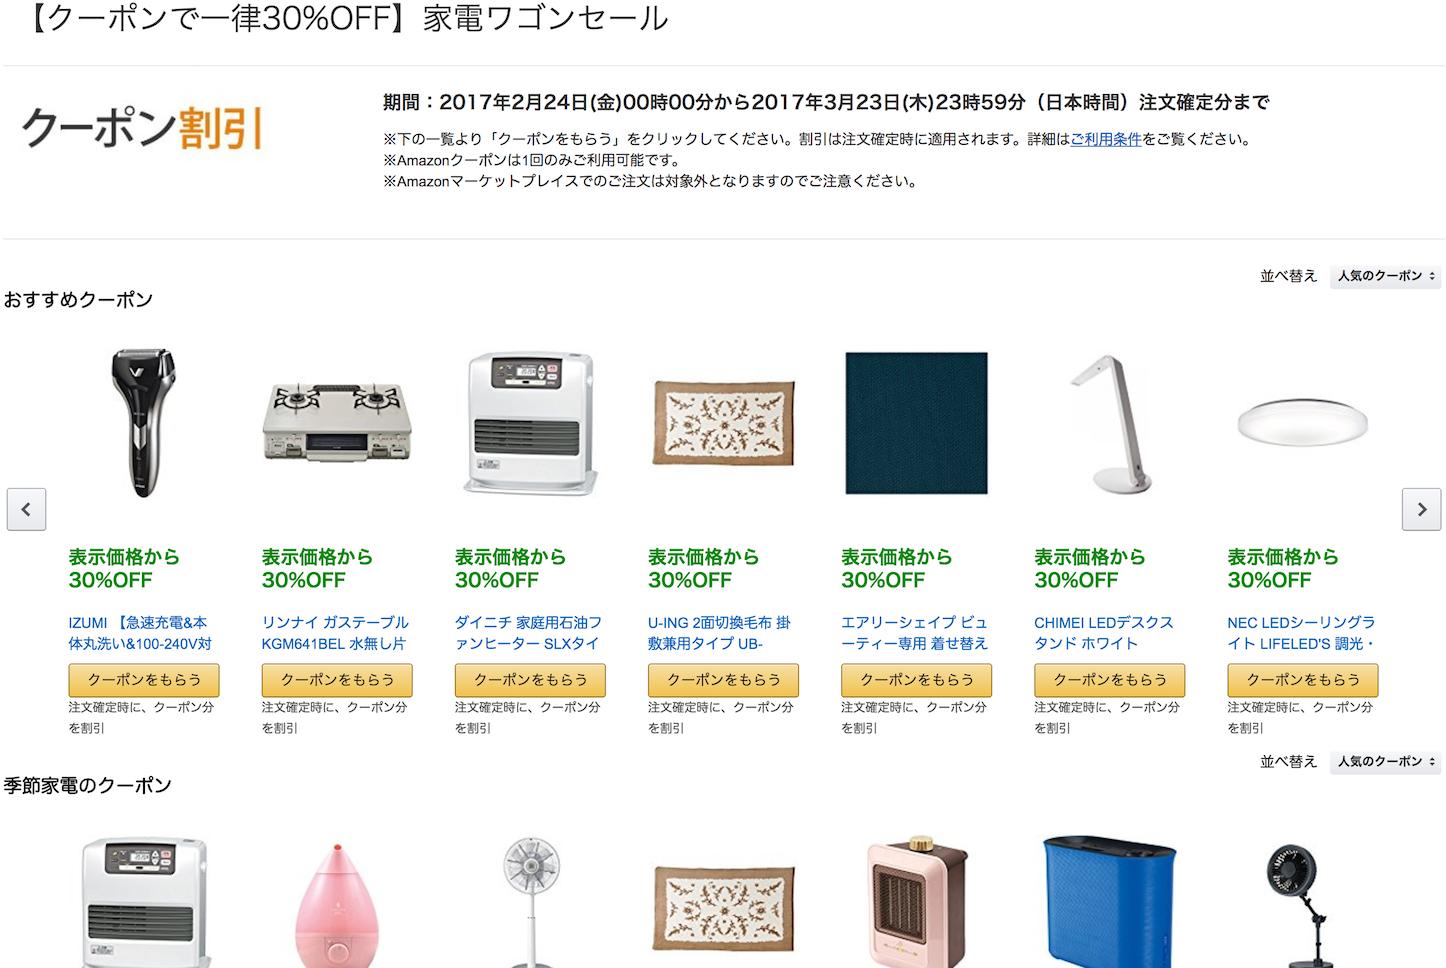 Amazon coupon sale